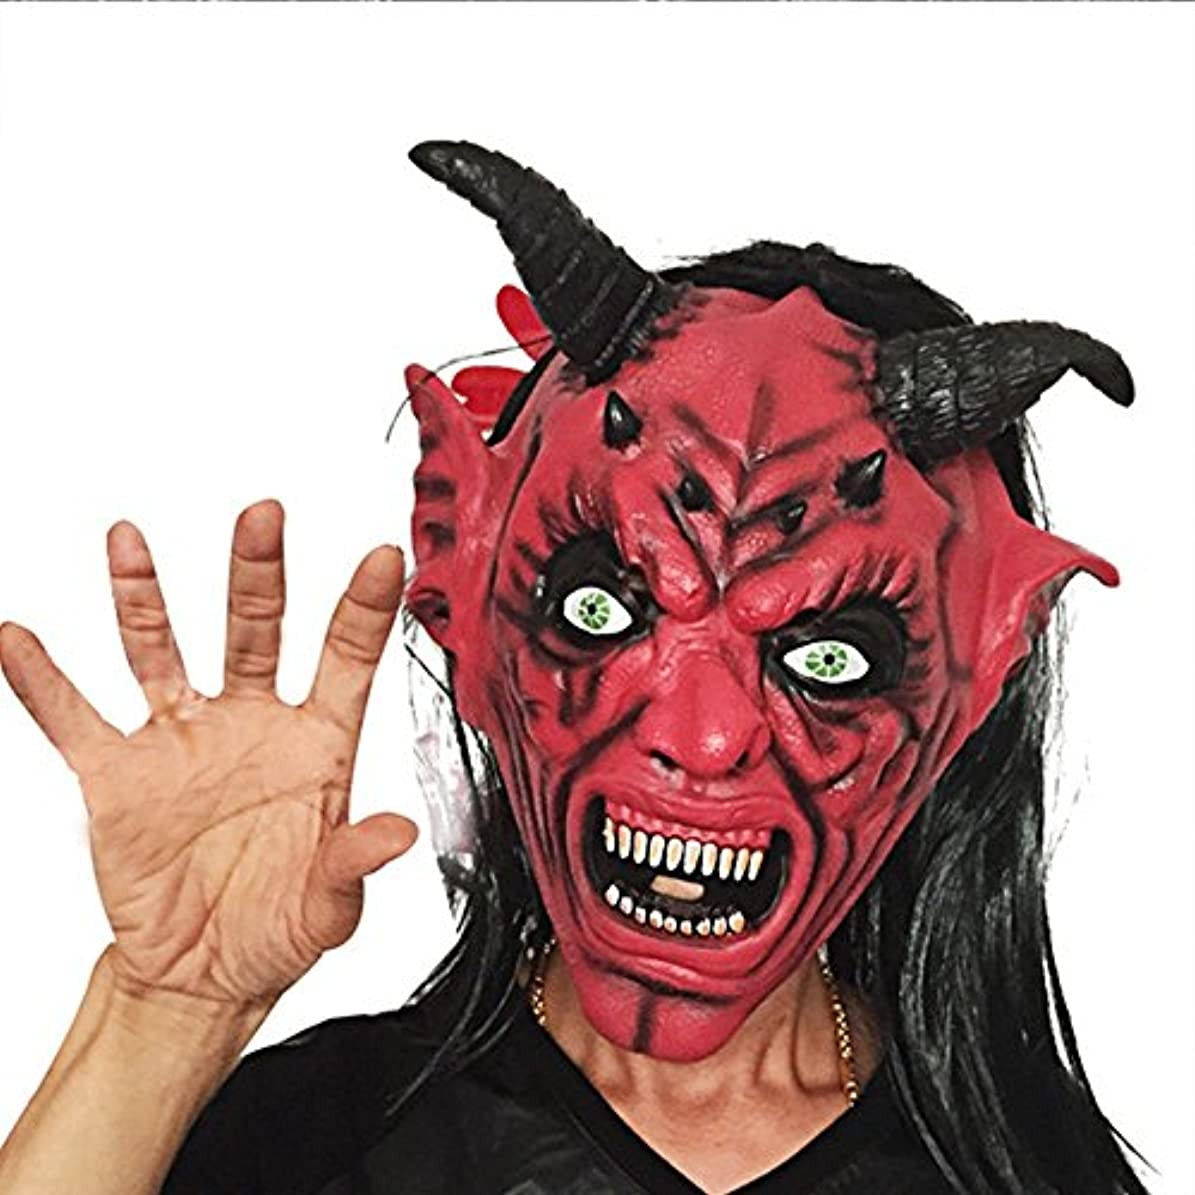 あなたのもの環境一生ハロウィンロングヘアレッドフェイスホーンマスクカーニバルバー怖い悪魔怖いセットレッドフェイスブラックマスク